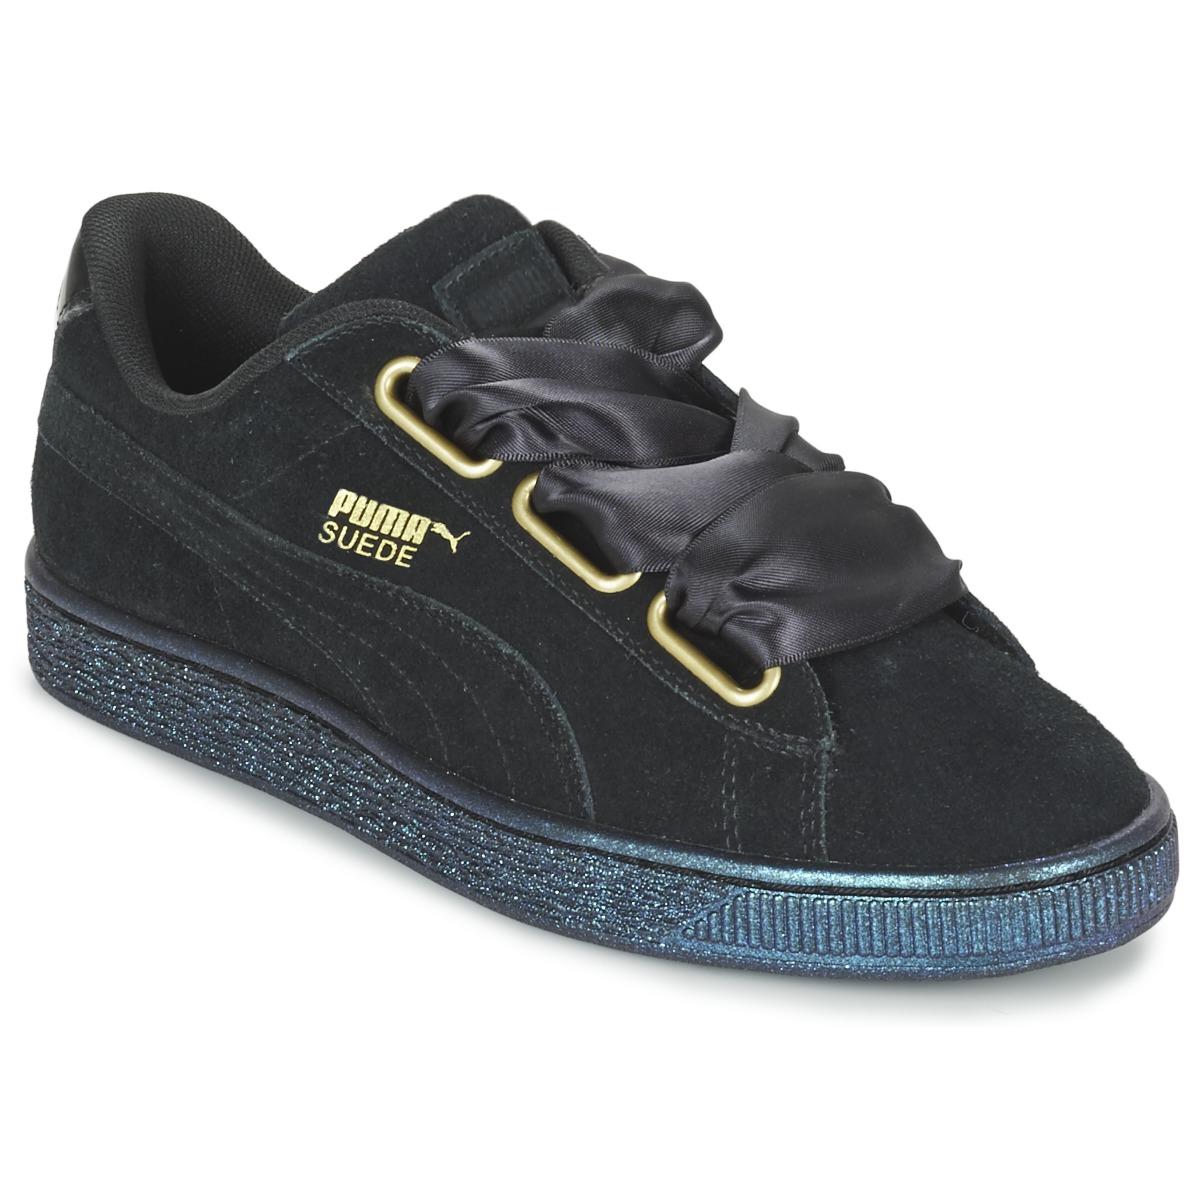 Puma BASKET HEART SATIN WN'S Schwarz - Kostenloser Versand bei Spartoode ! - Schuhe Sneaker Low Damen 71,19 €